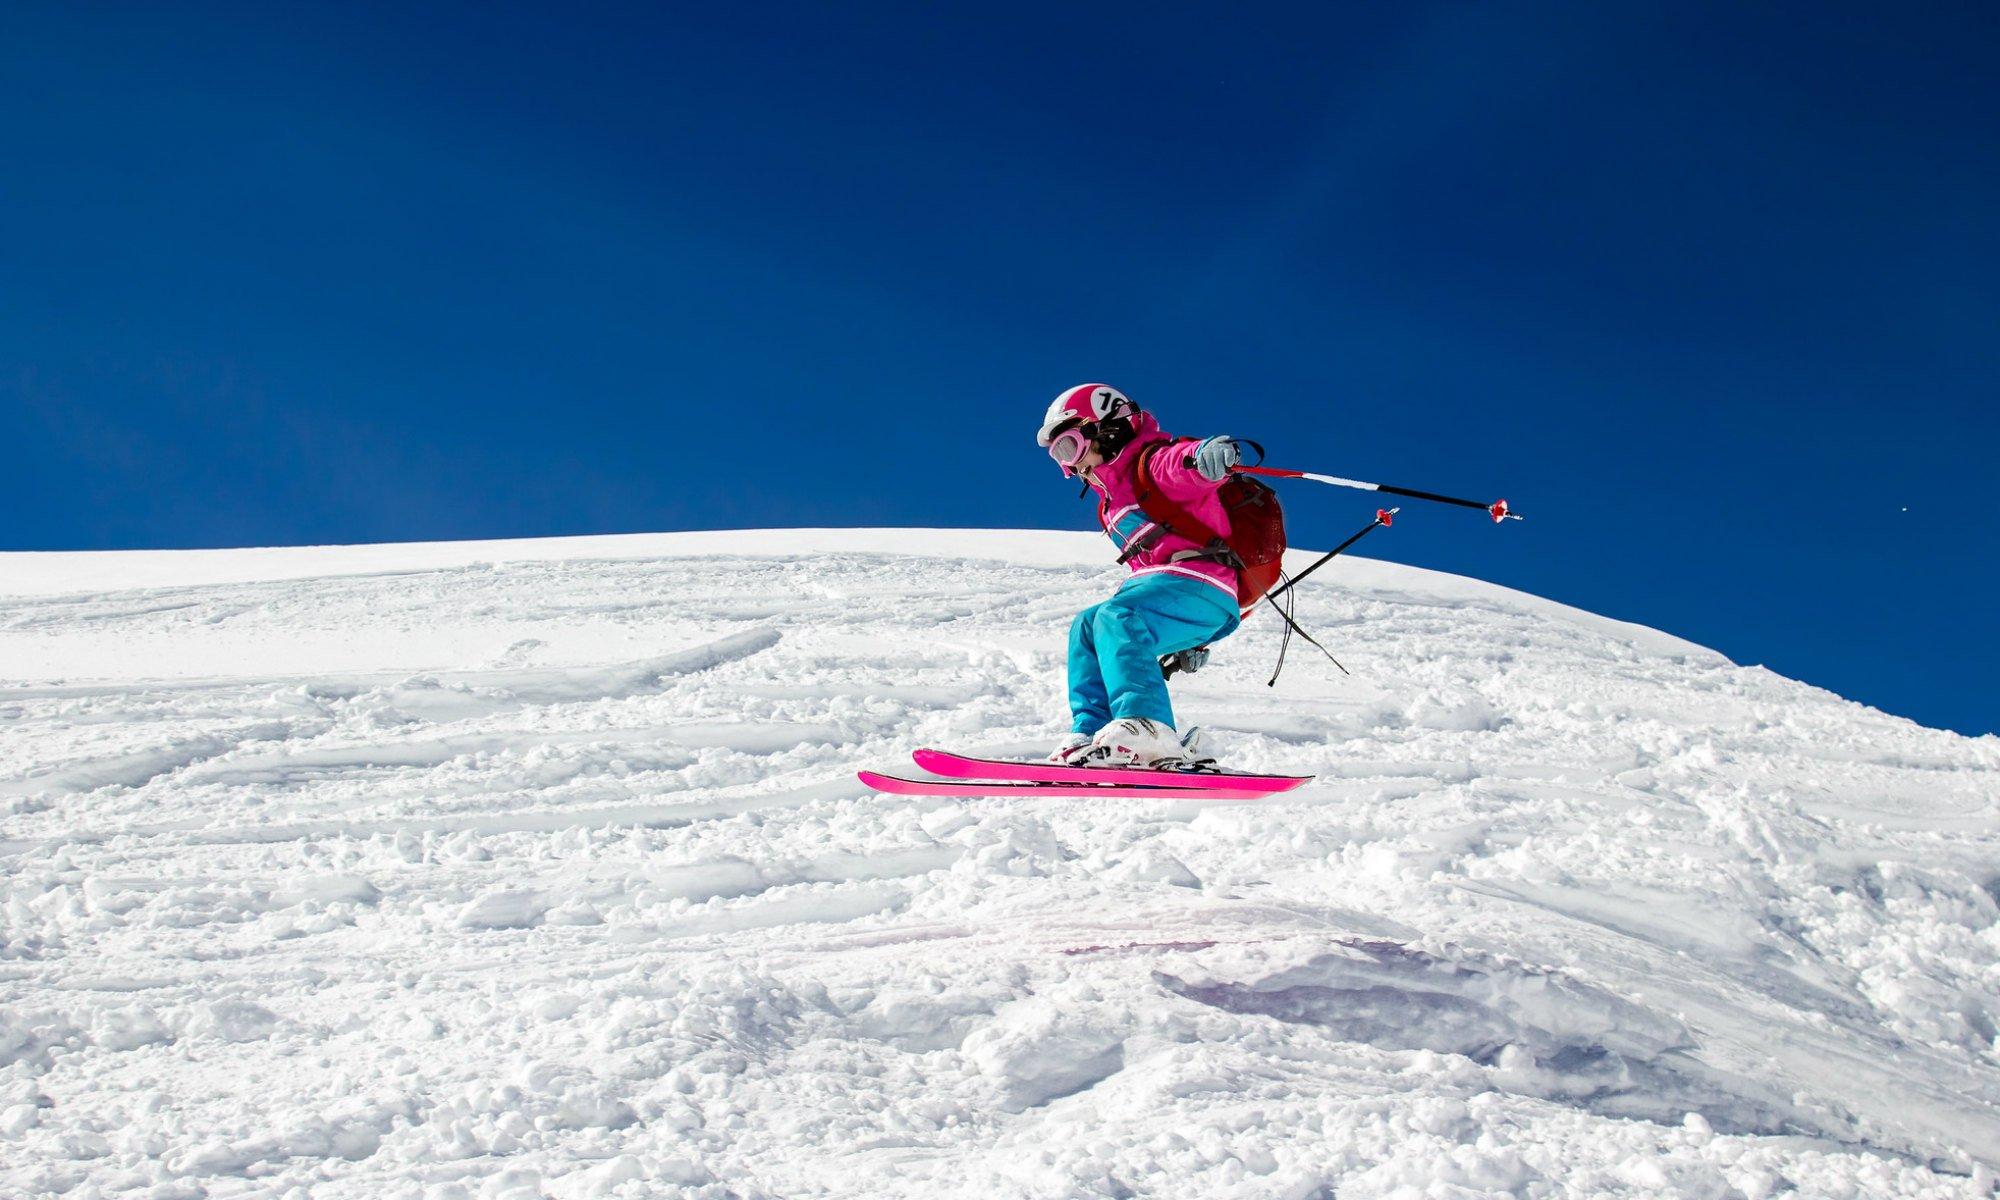 Une jeune ado effectue un saut lors d'un cours de ski hors piste aux Arcs.